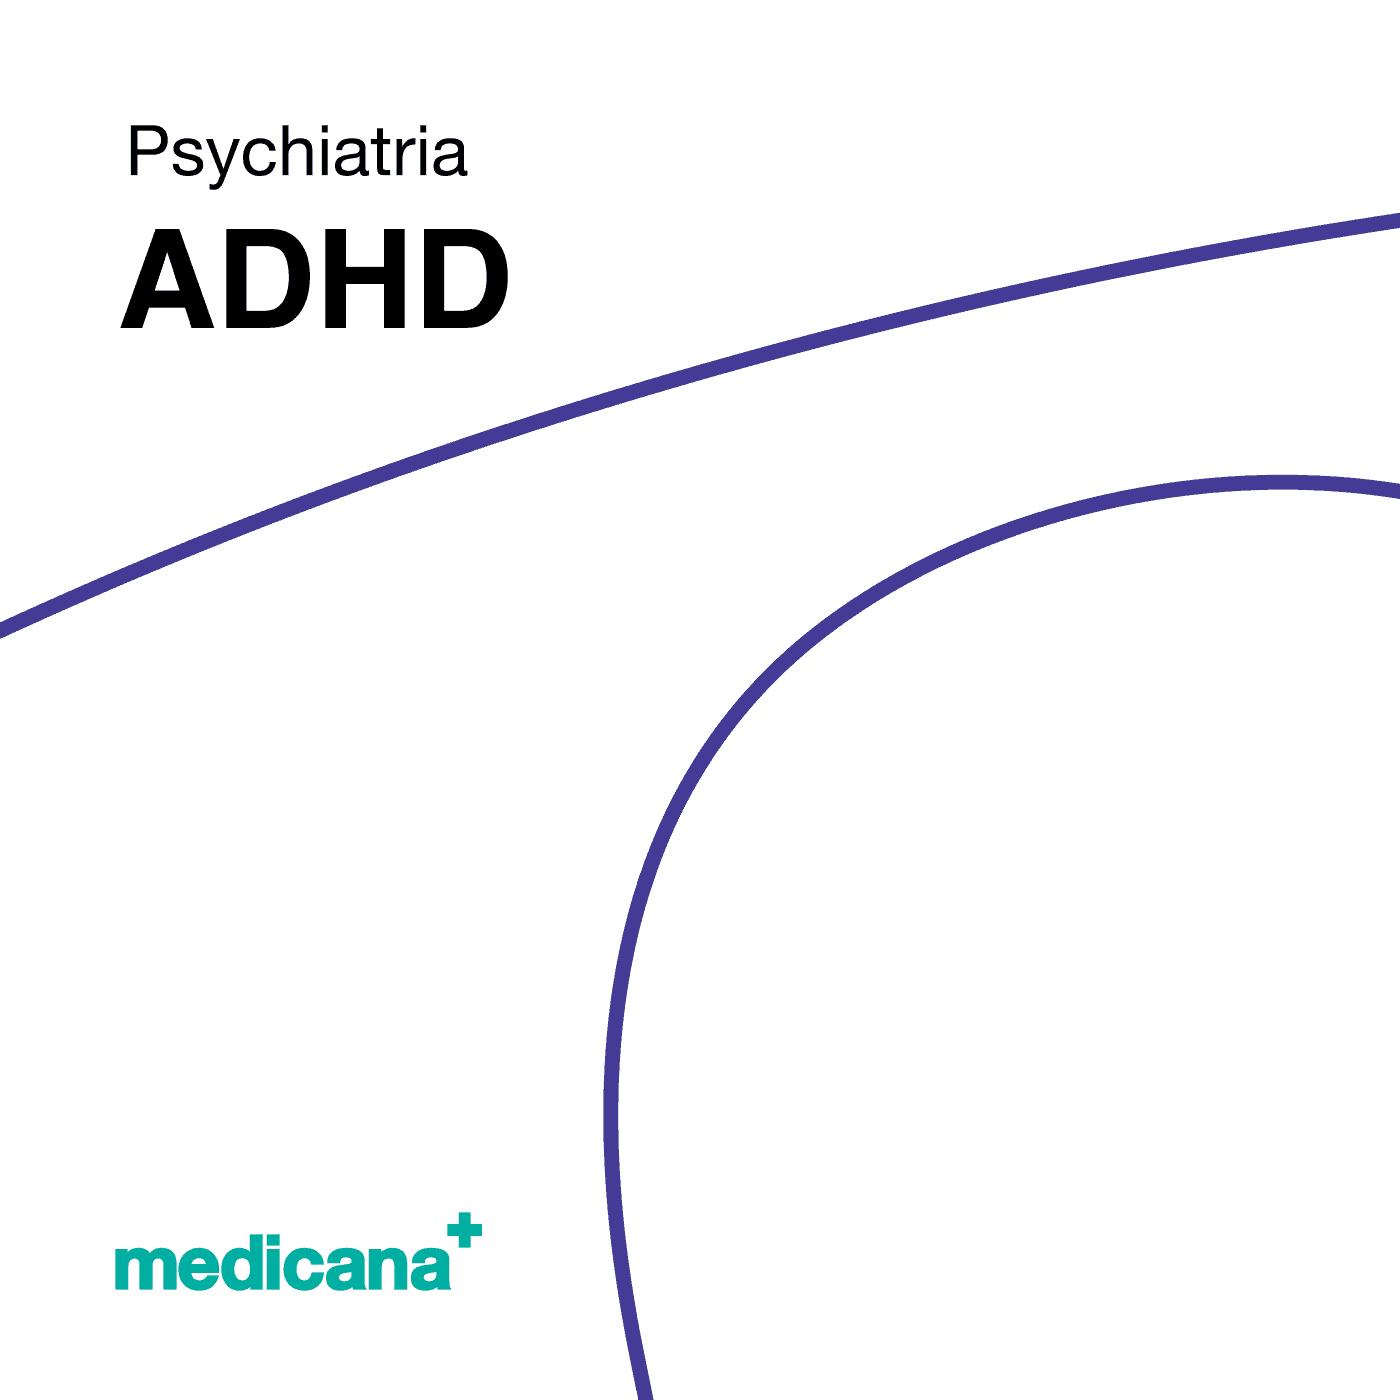 Grafika, białe tło z granatową kreską, czarnym napisem Psychiatria - ADHD oraz zielonym logo Medicana w lewym dolnym rogu.